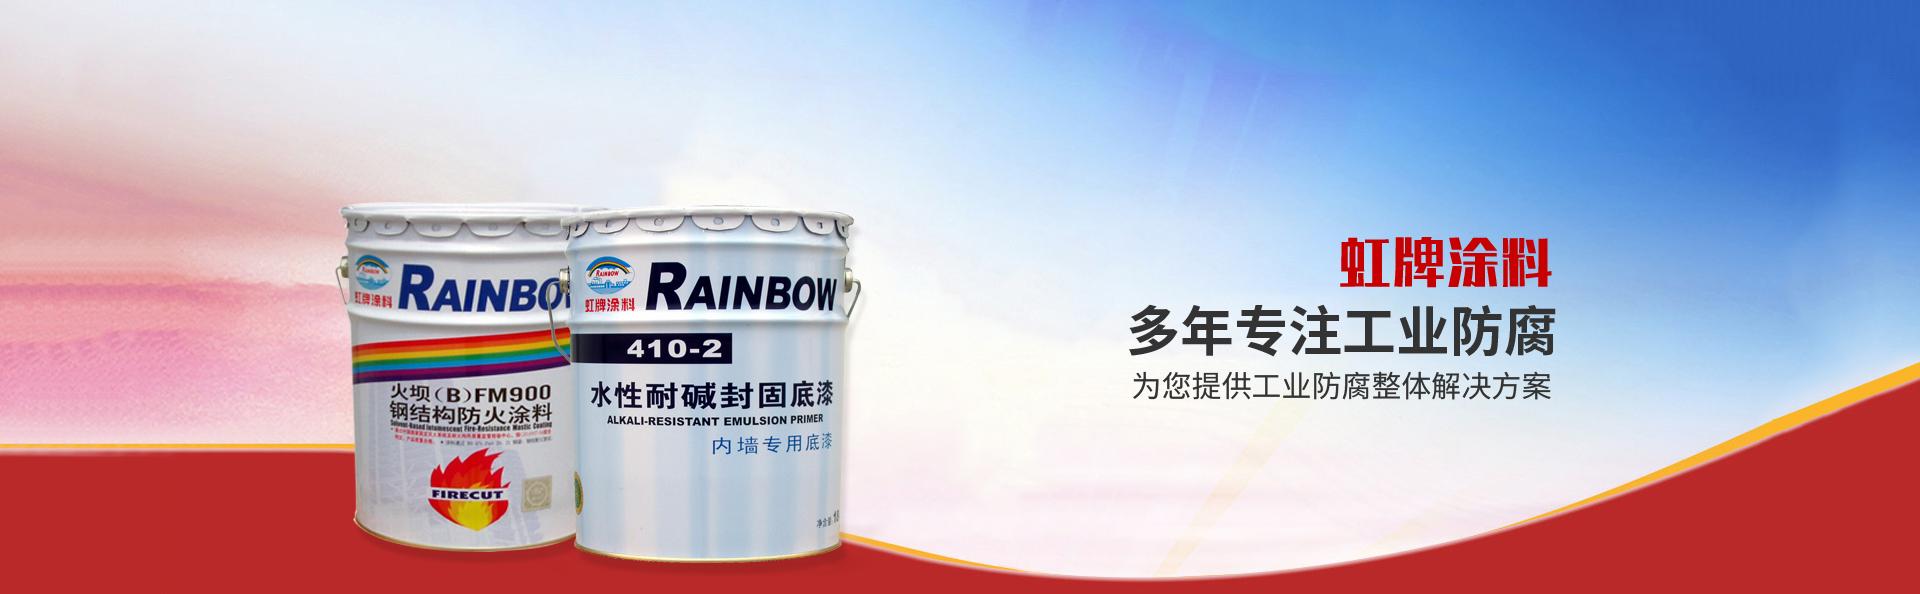 虹牌防腐油漆